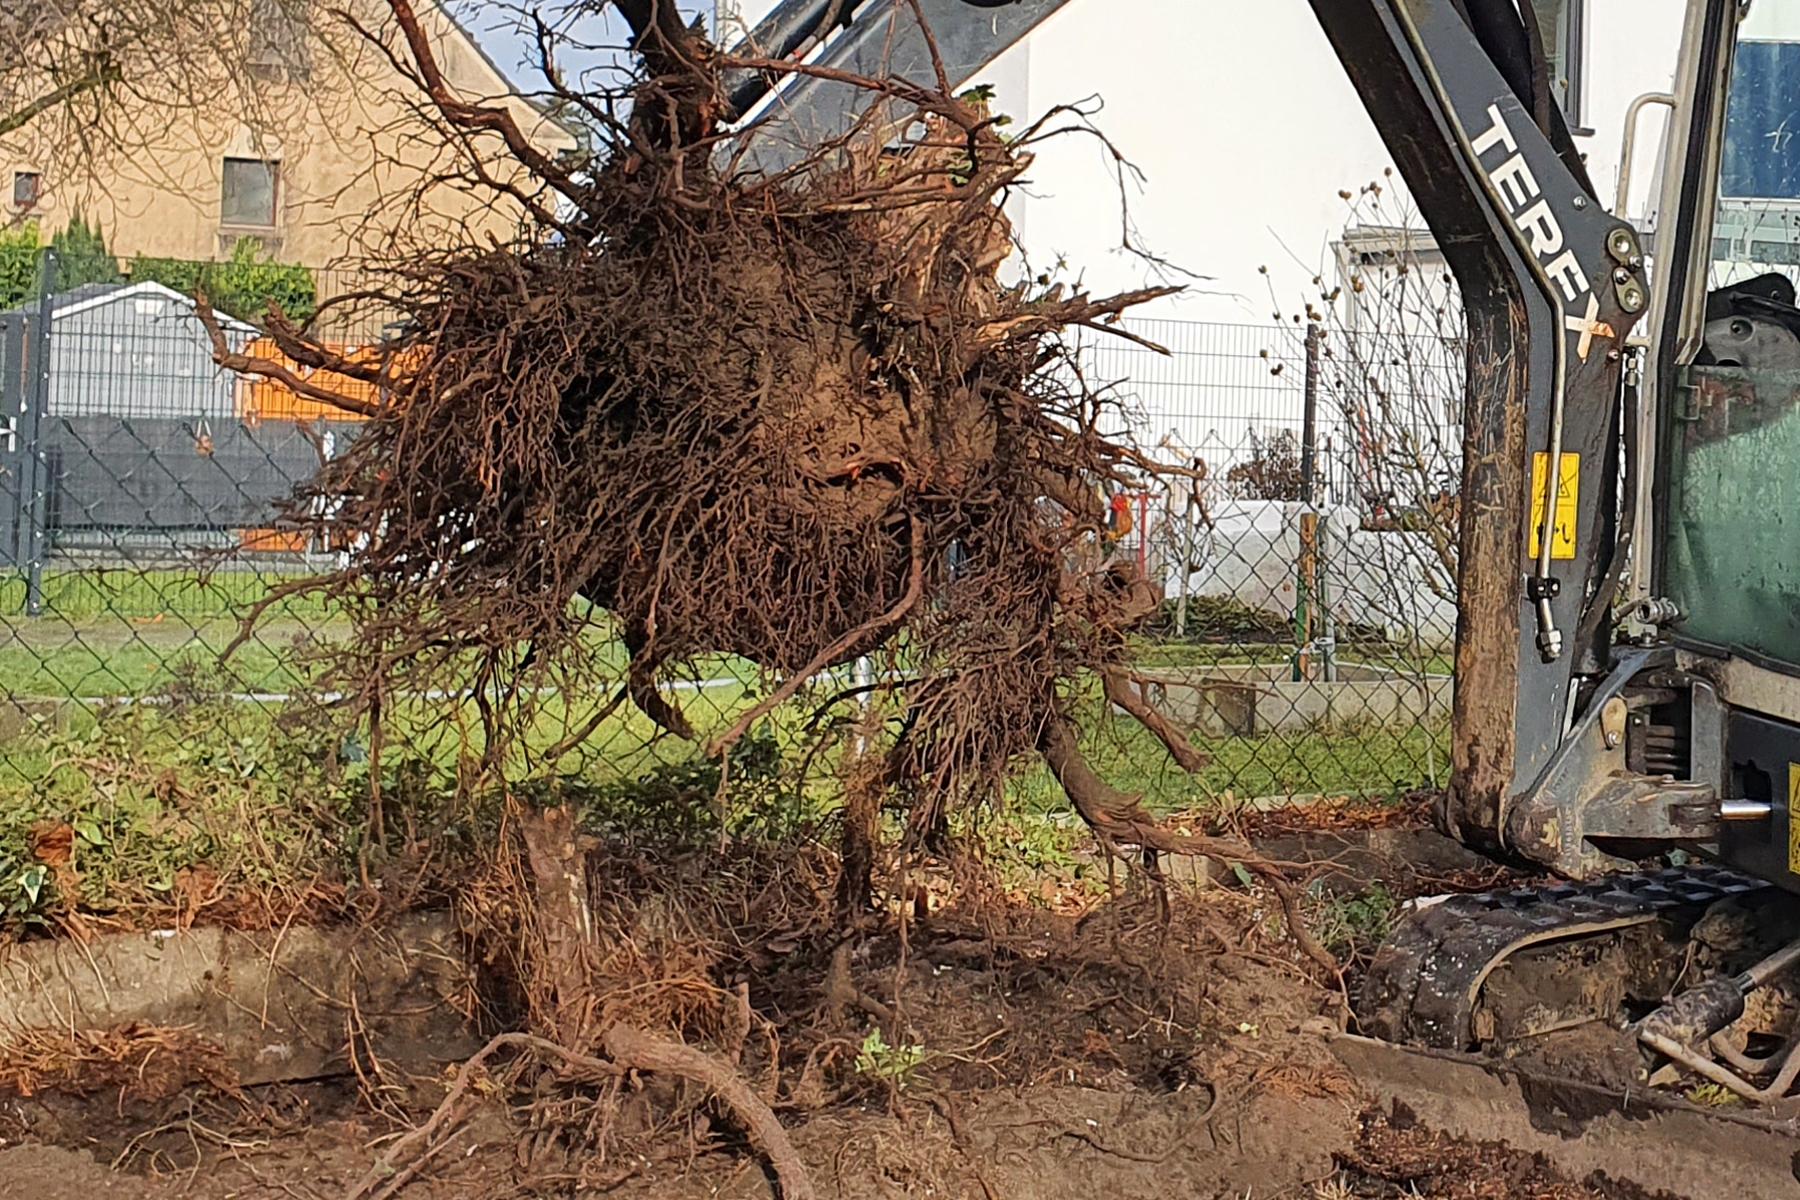 Baumpflege Wojtkowski Baumwurzelentfernung in Privatgarten